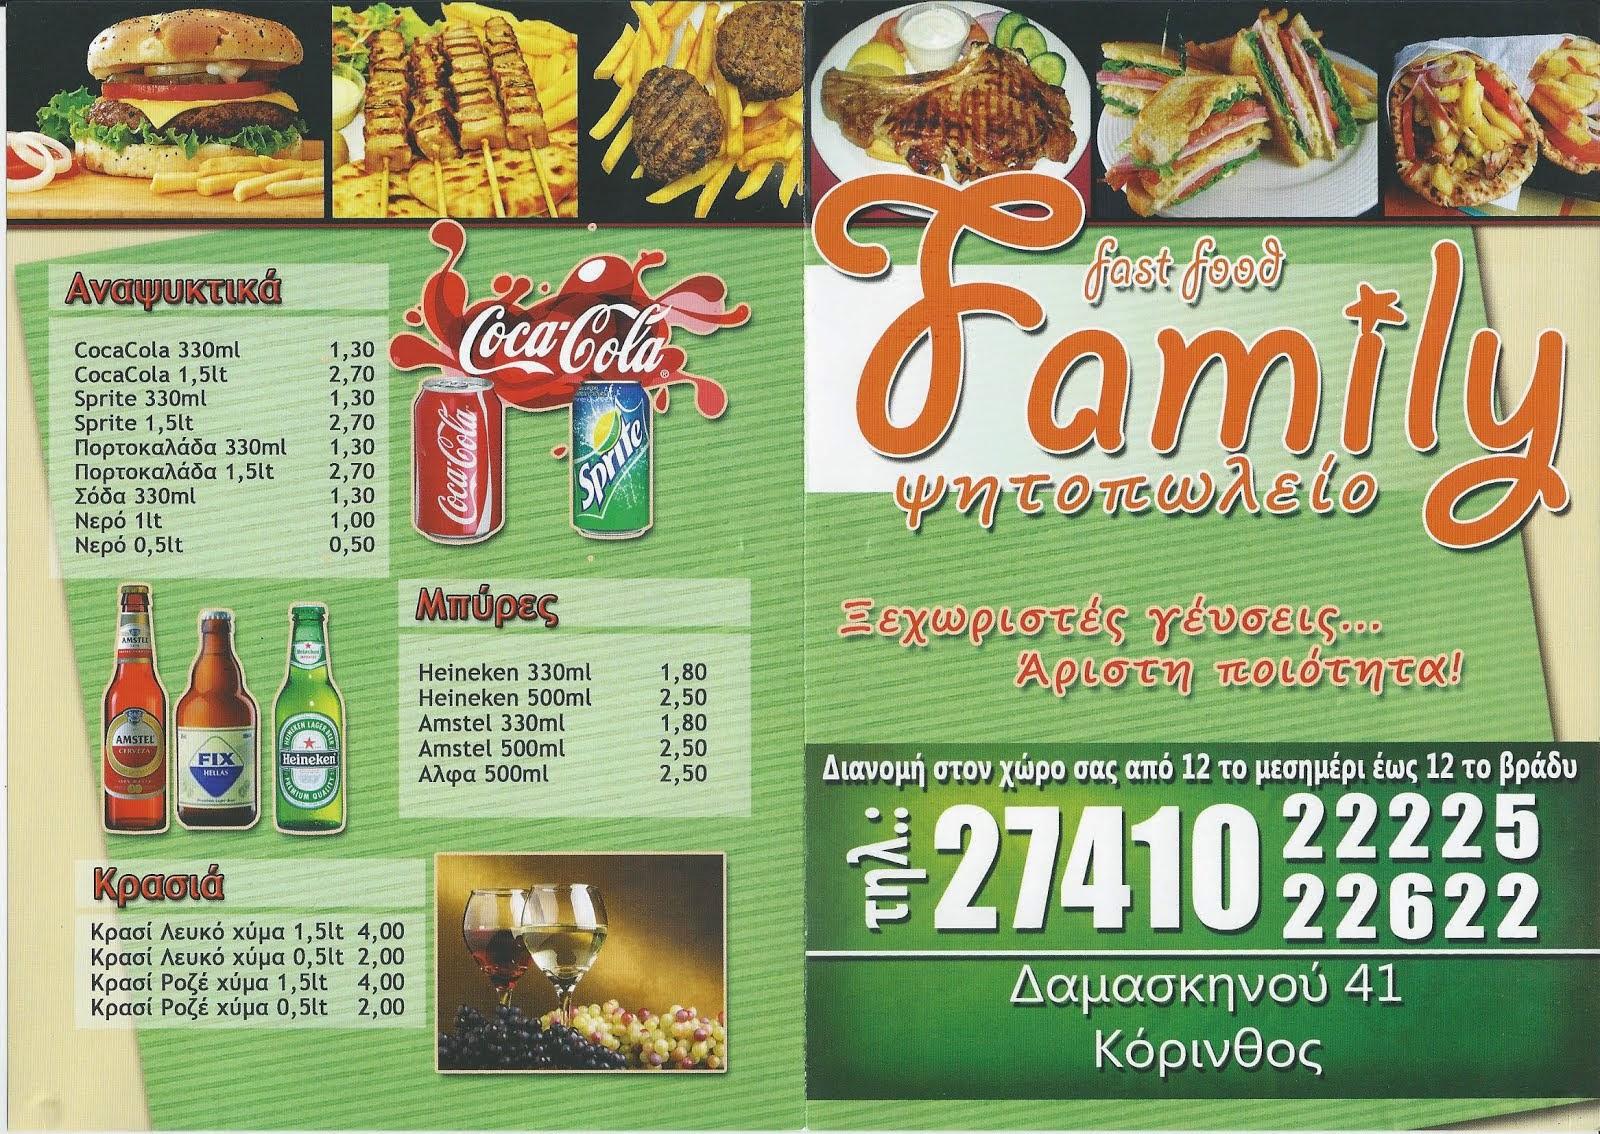 ΨΗΤΟΠΩΛΕΙΟ FAMILY